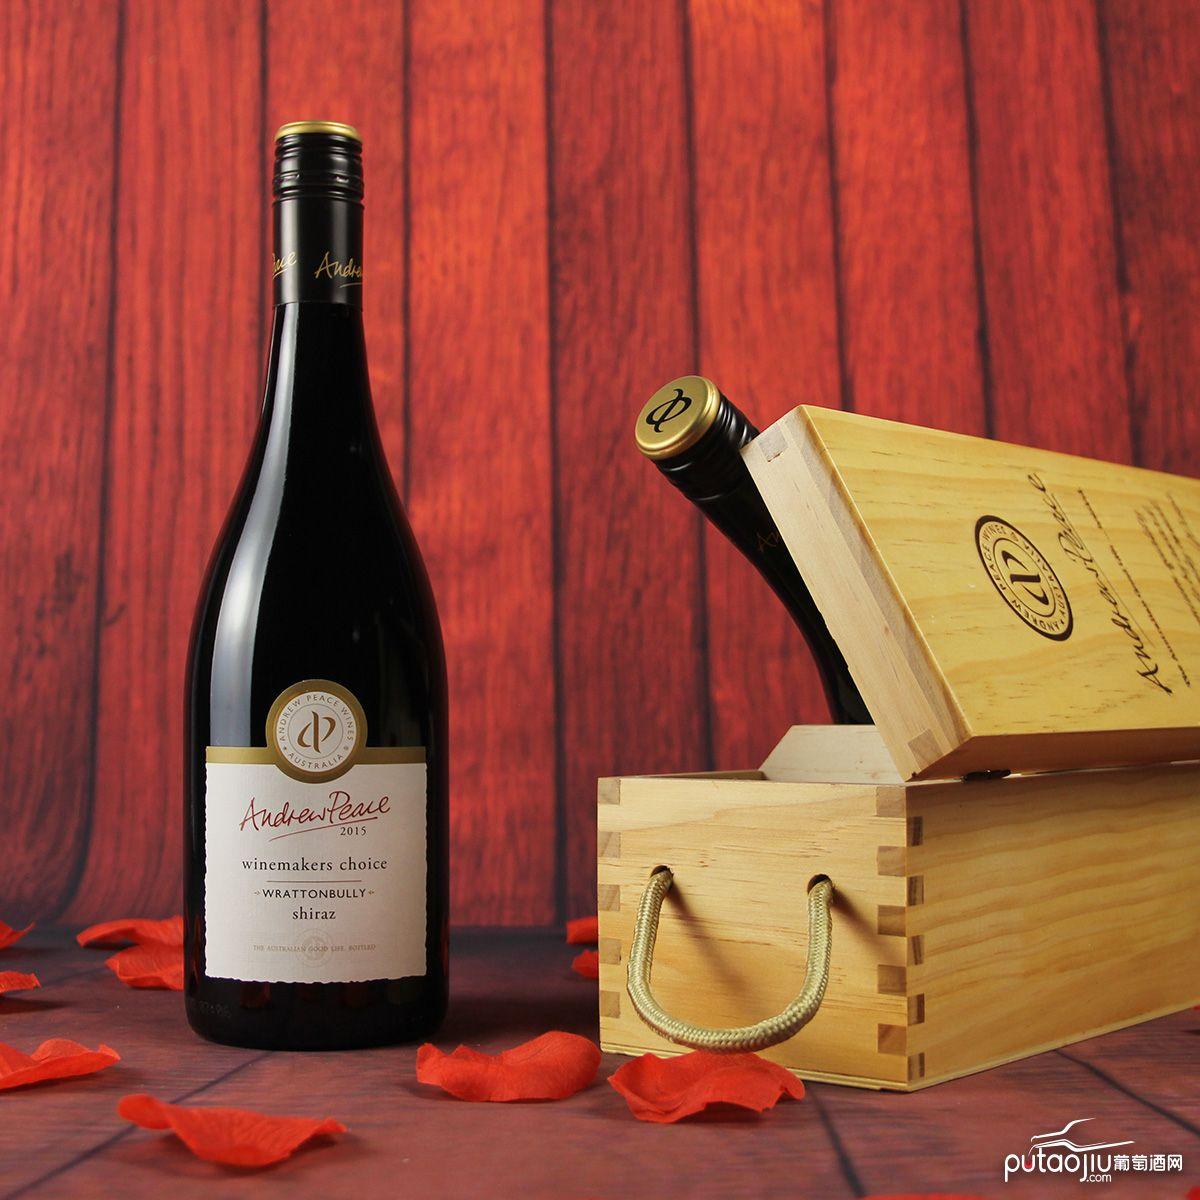 澳大利亚南澳安德鲁皮士酒庄酿酒师的选择西拉子拉顿布里干红葡萄酒